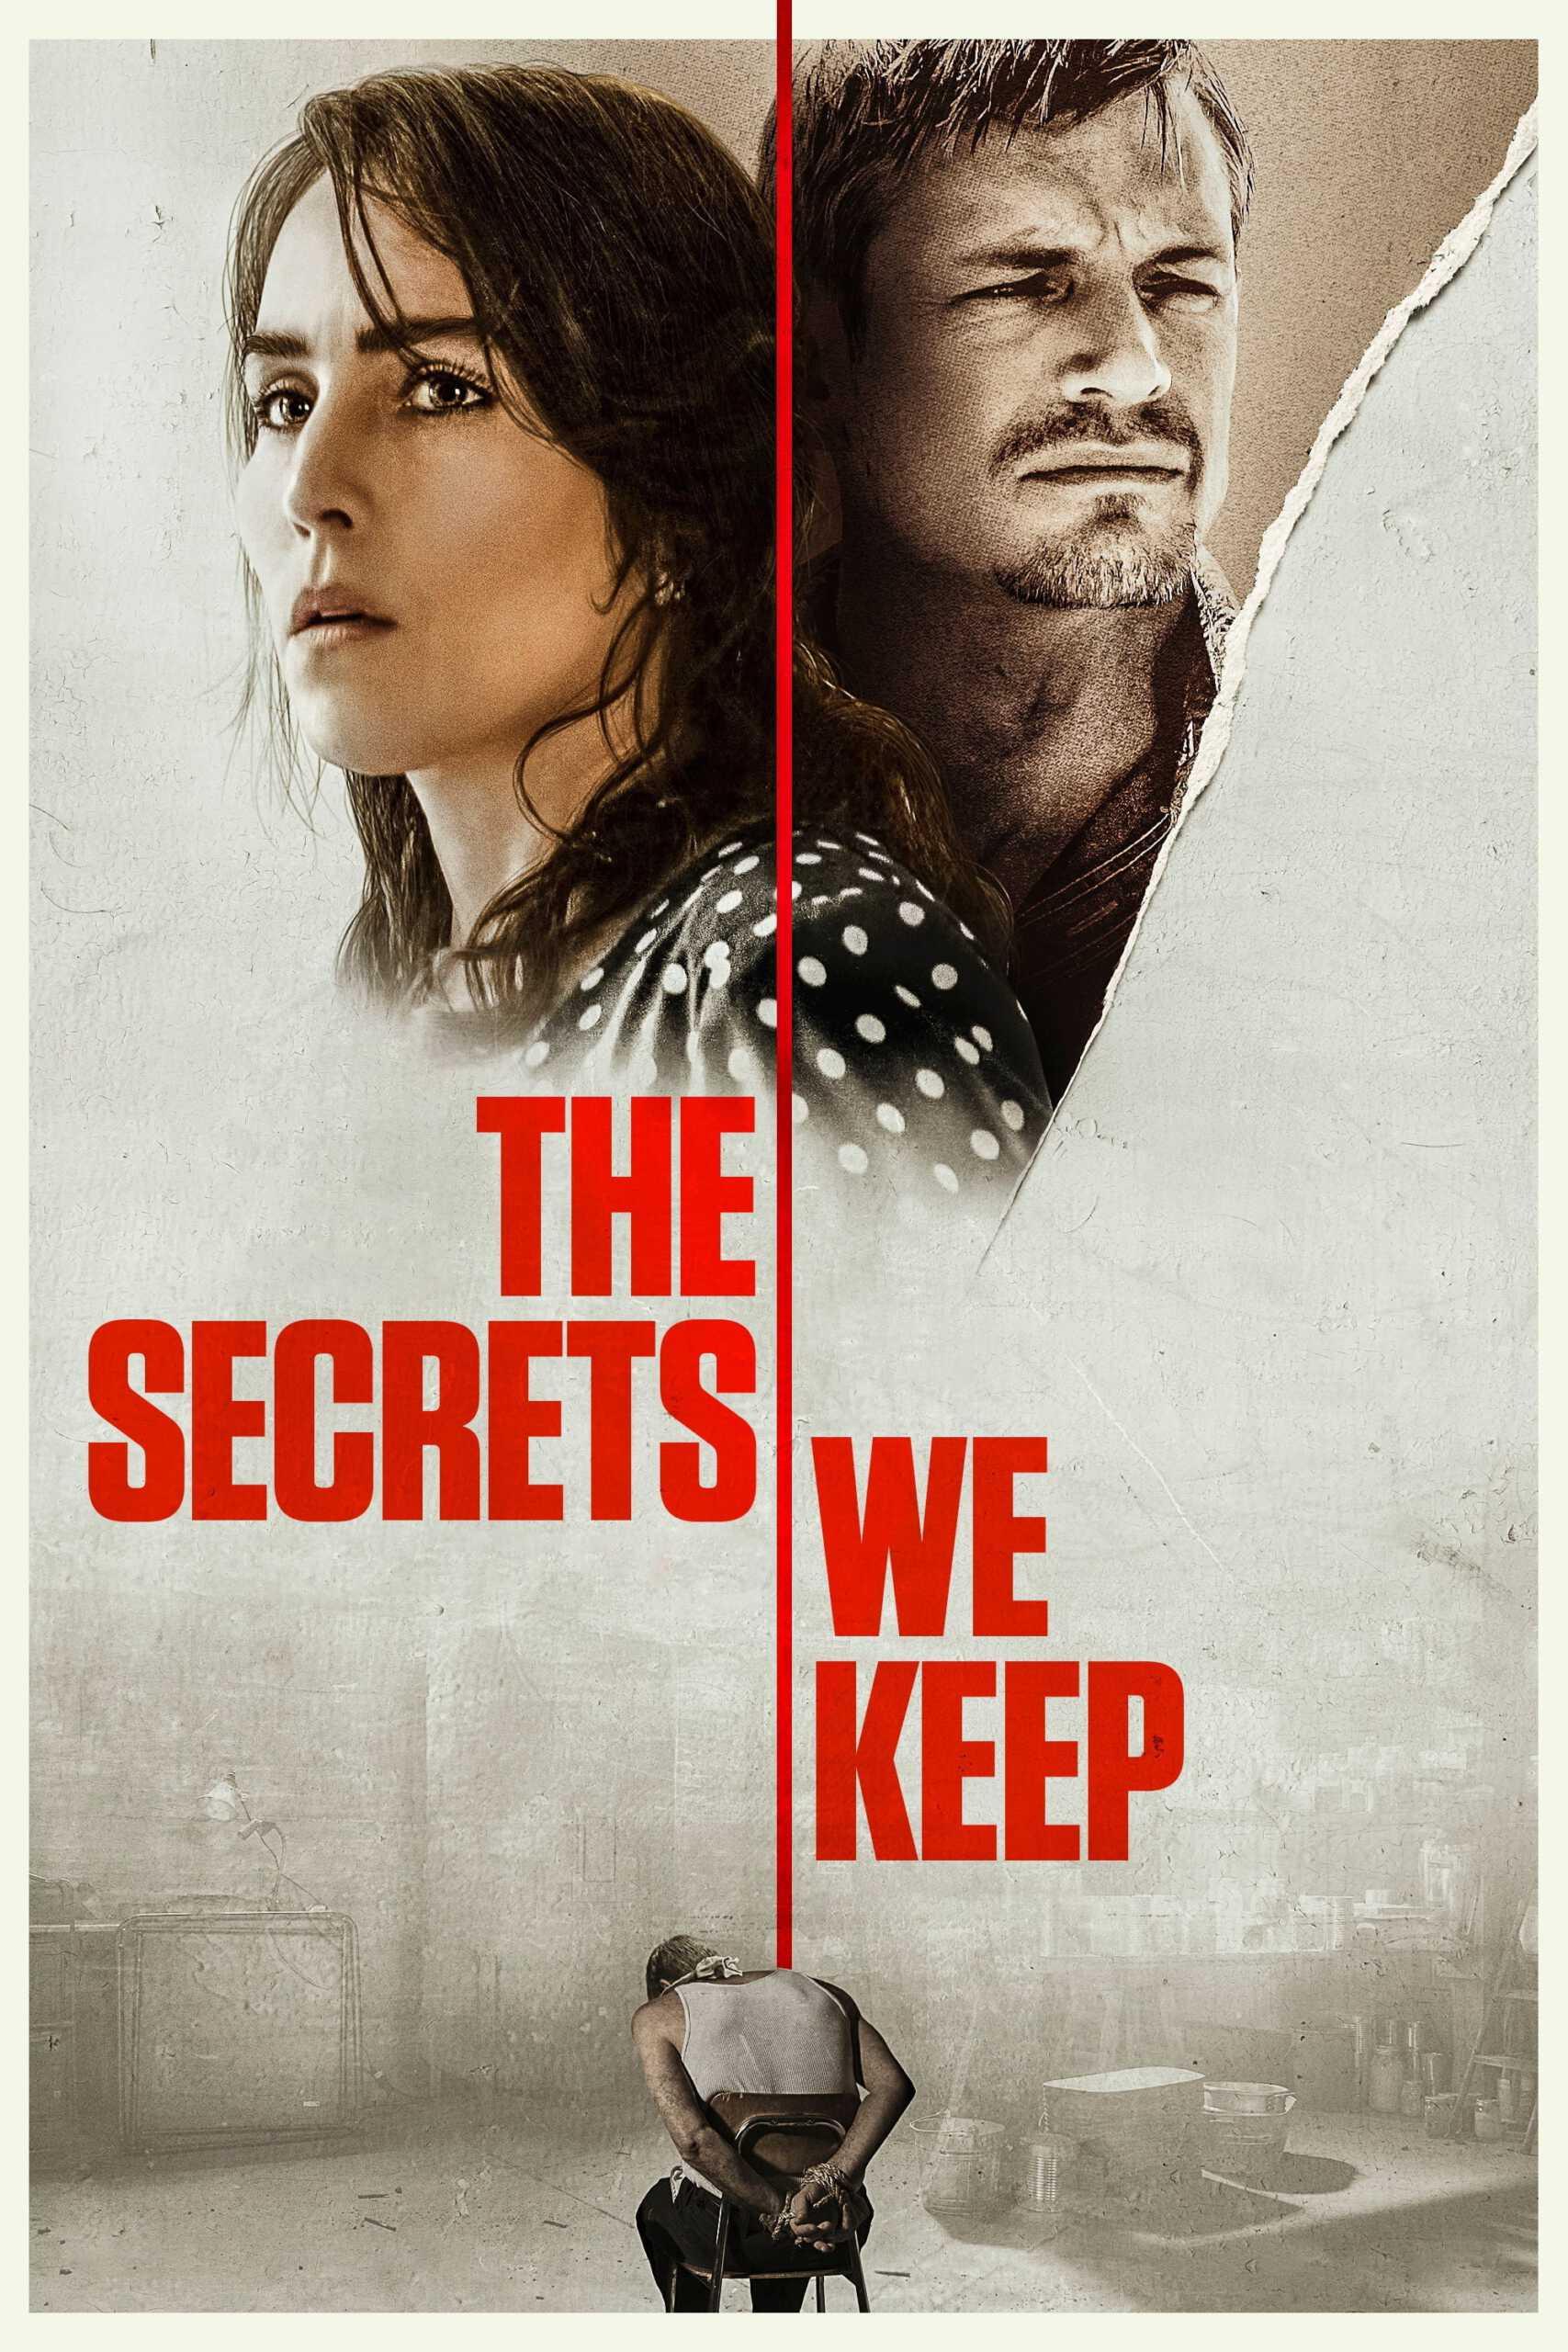 The Secrets We Keep (2020)